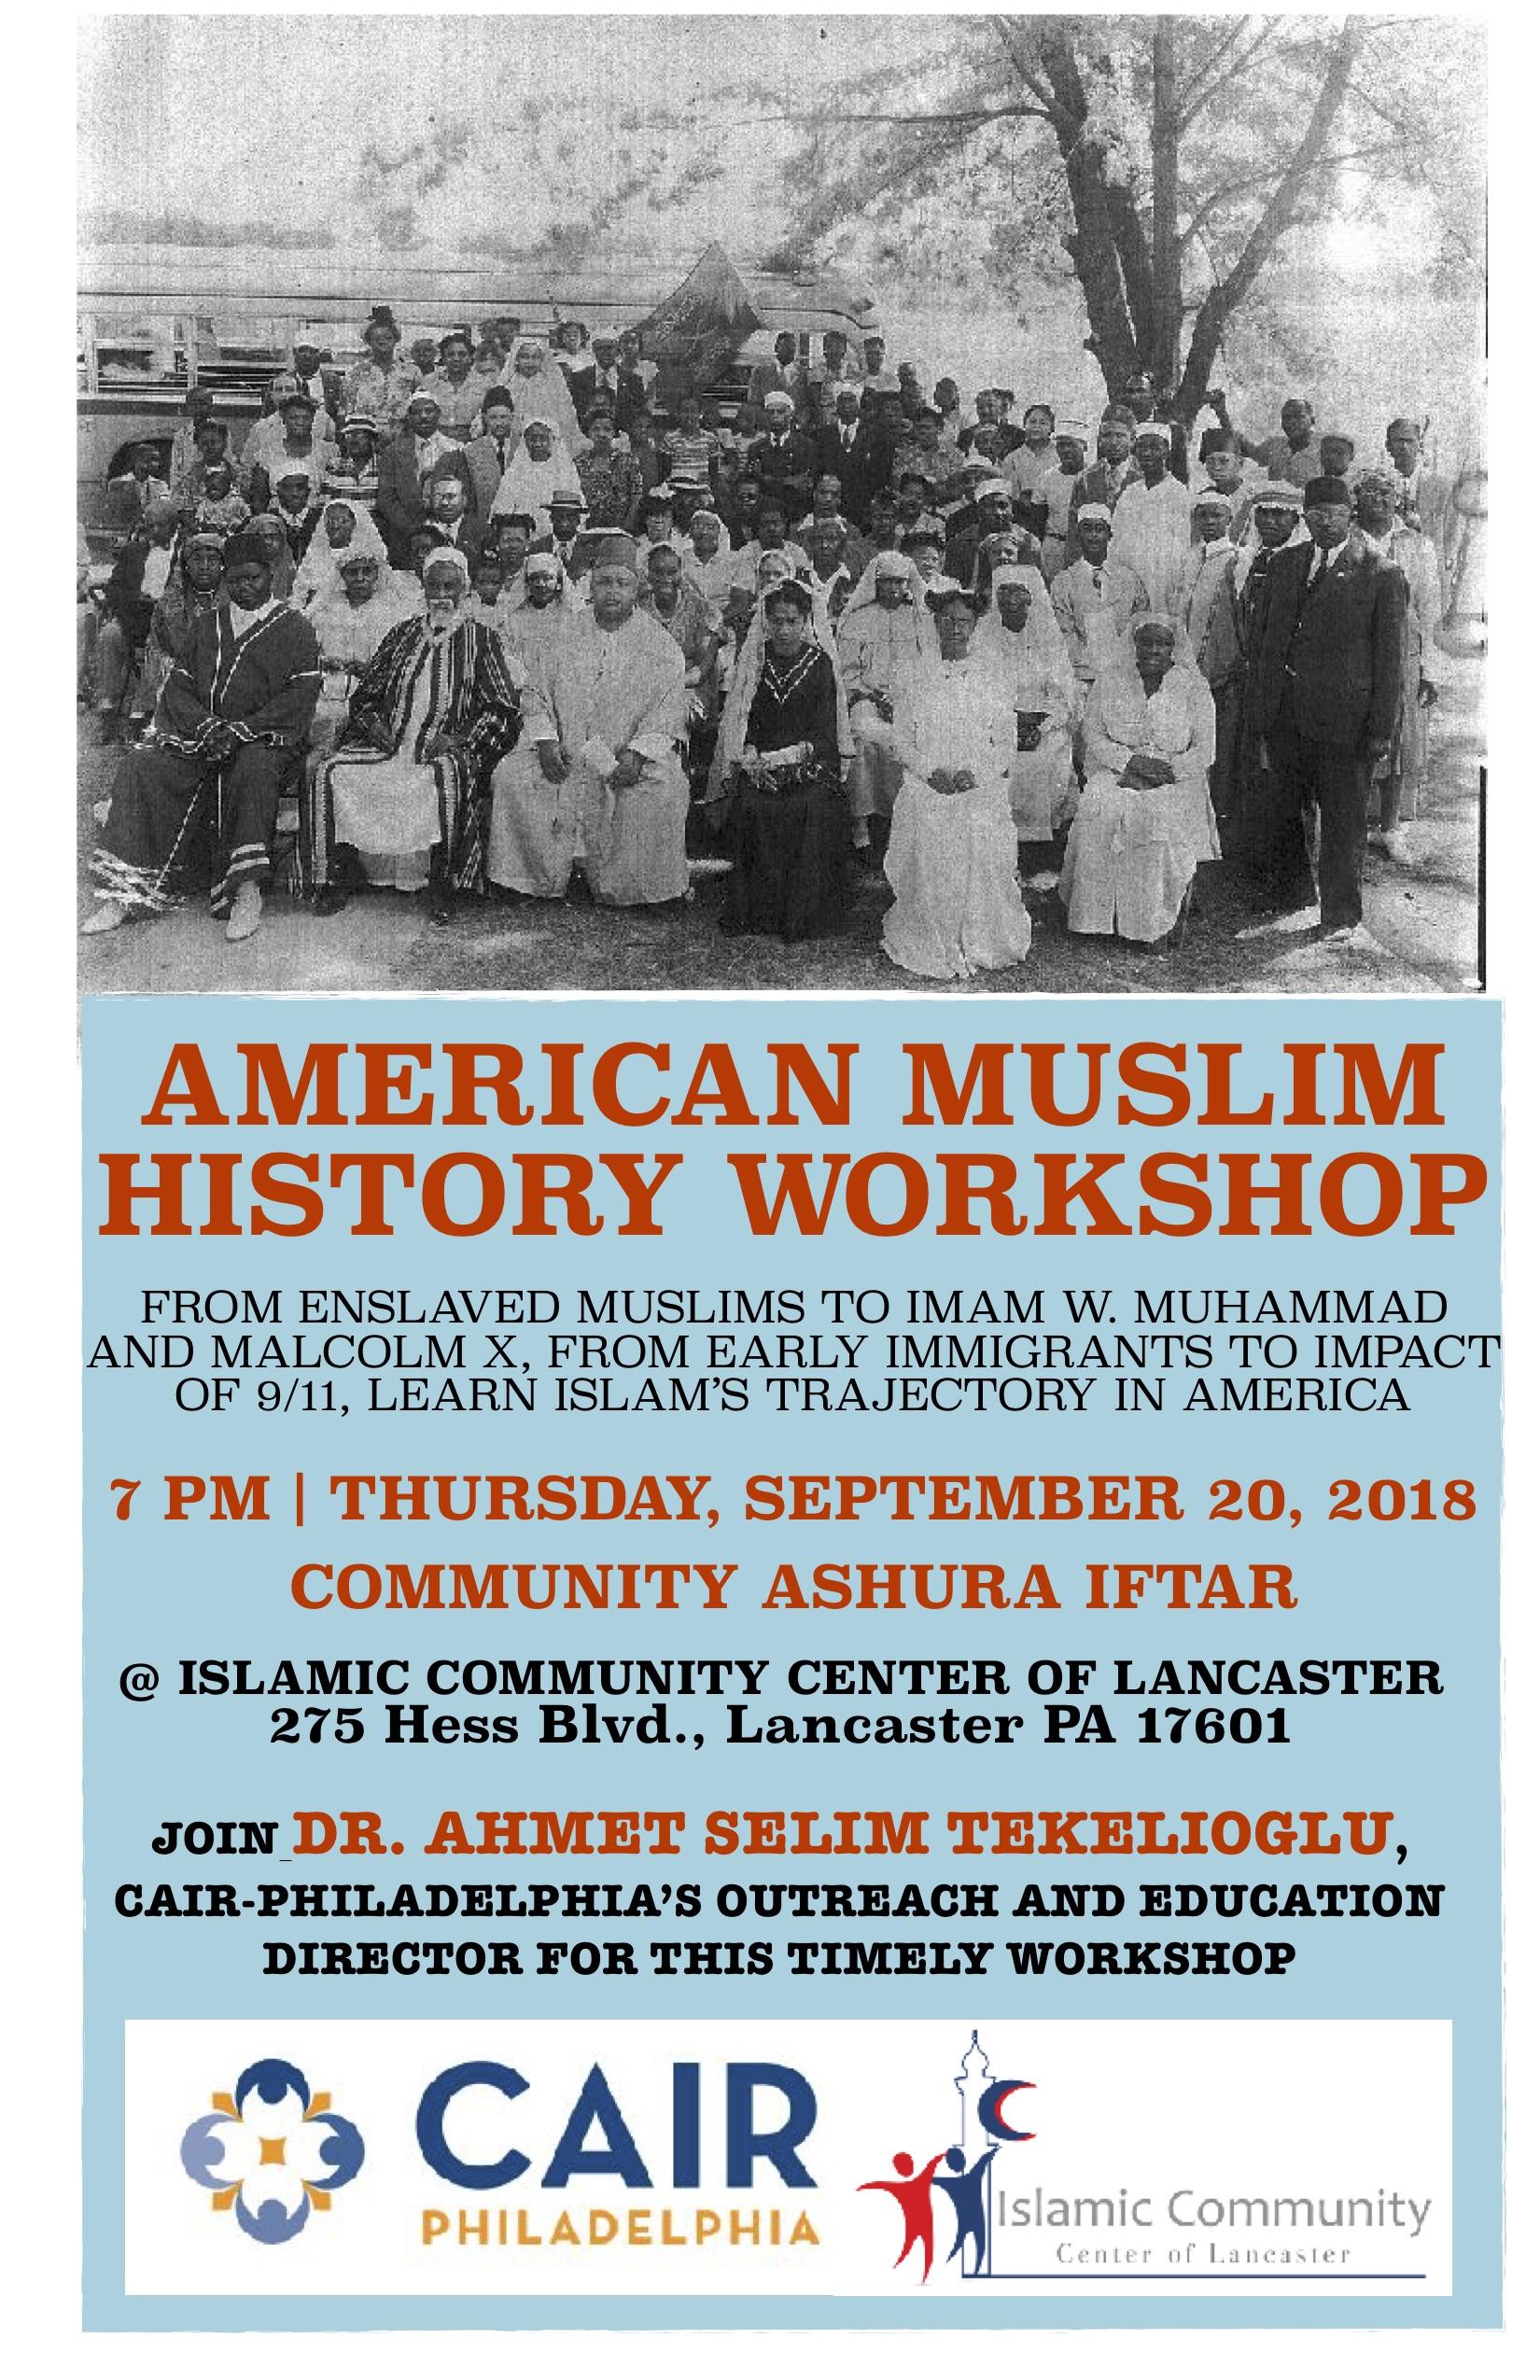 Iccl american muslim history september 20 flier